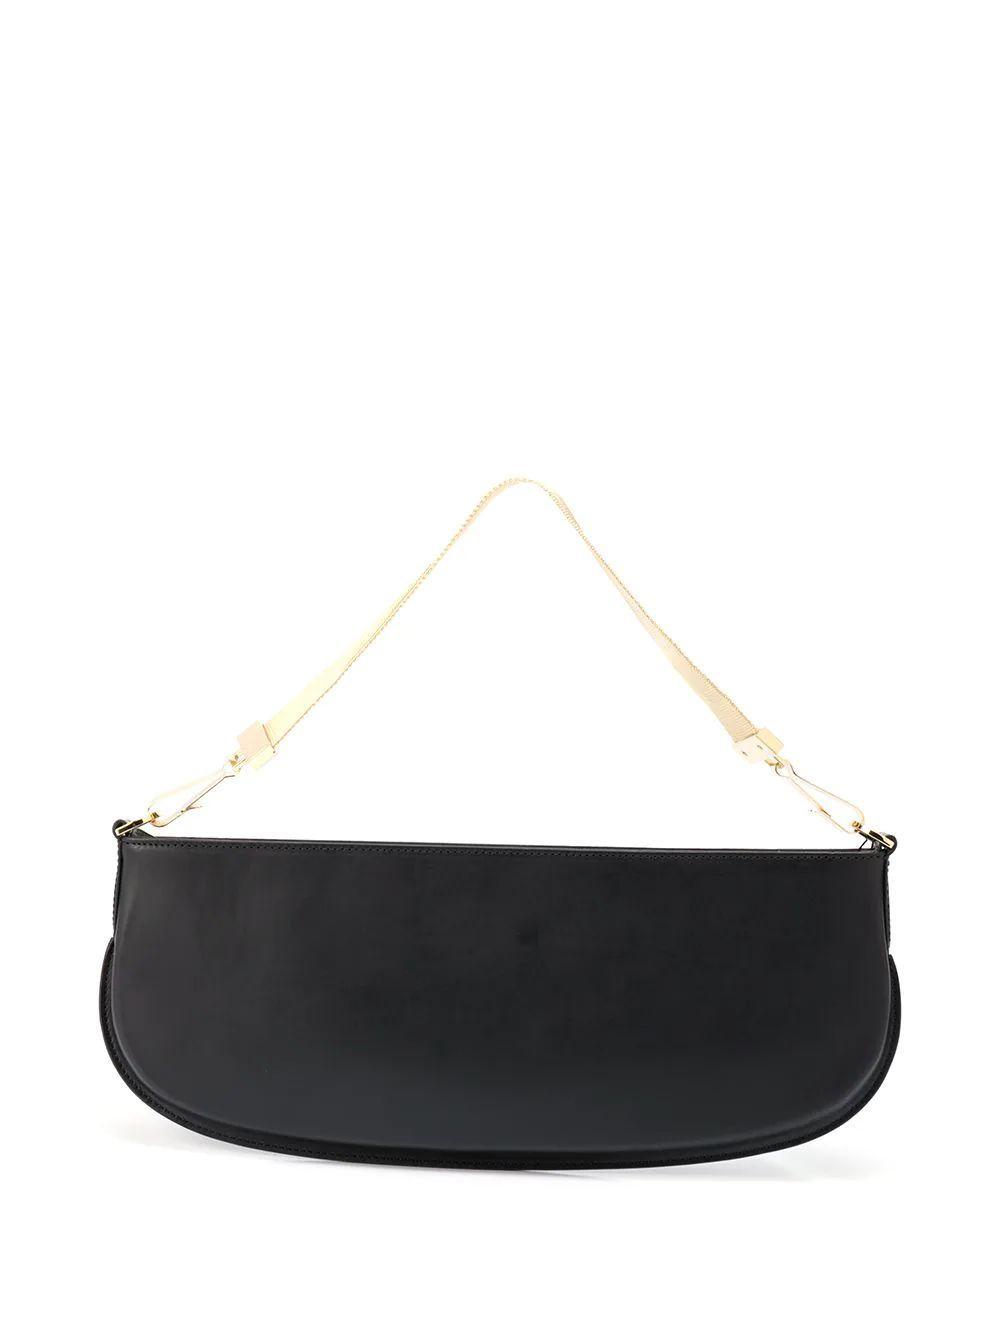 Beverly Shoulder Bag Item # 21PFBEV